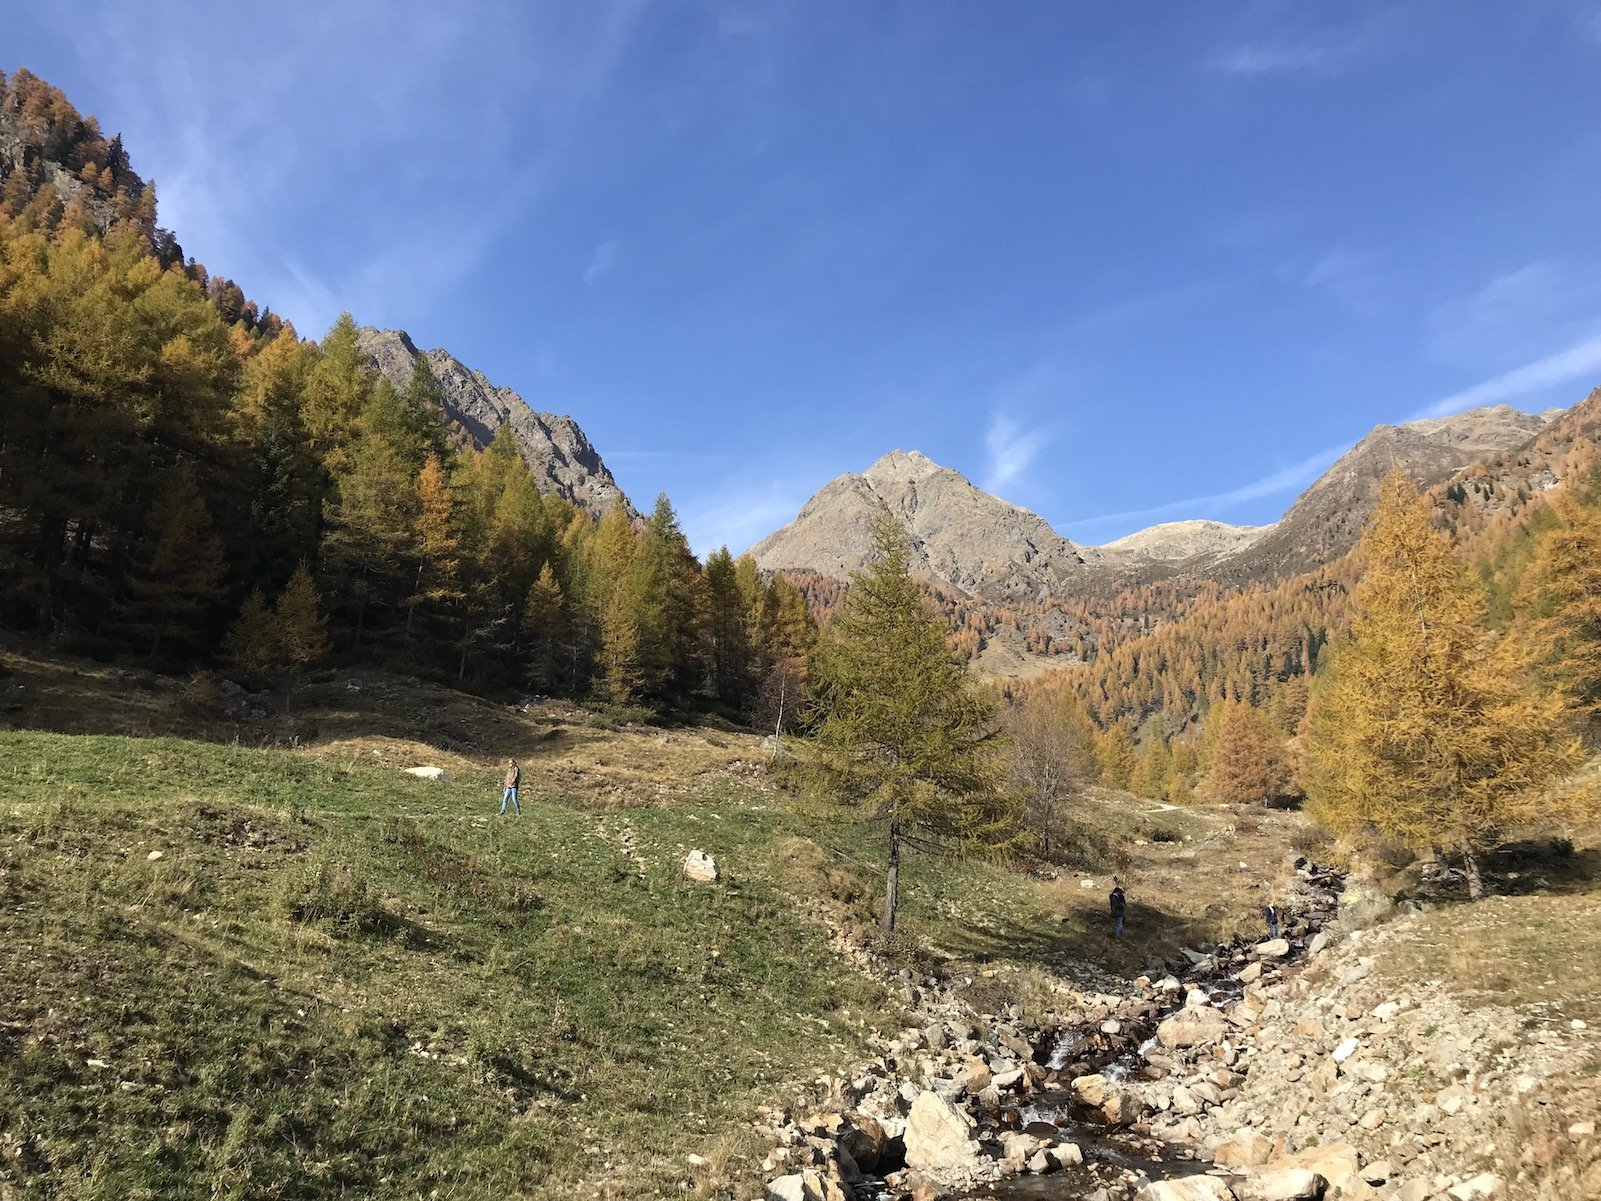 Ein letzter Blick zurück in diese wundervolle herbstliche Berglandschaft